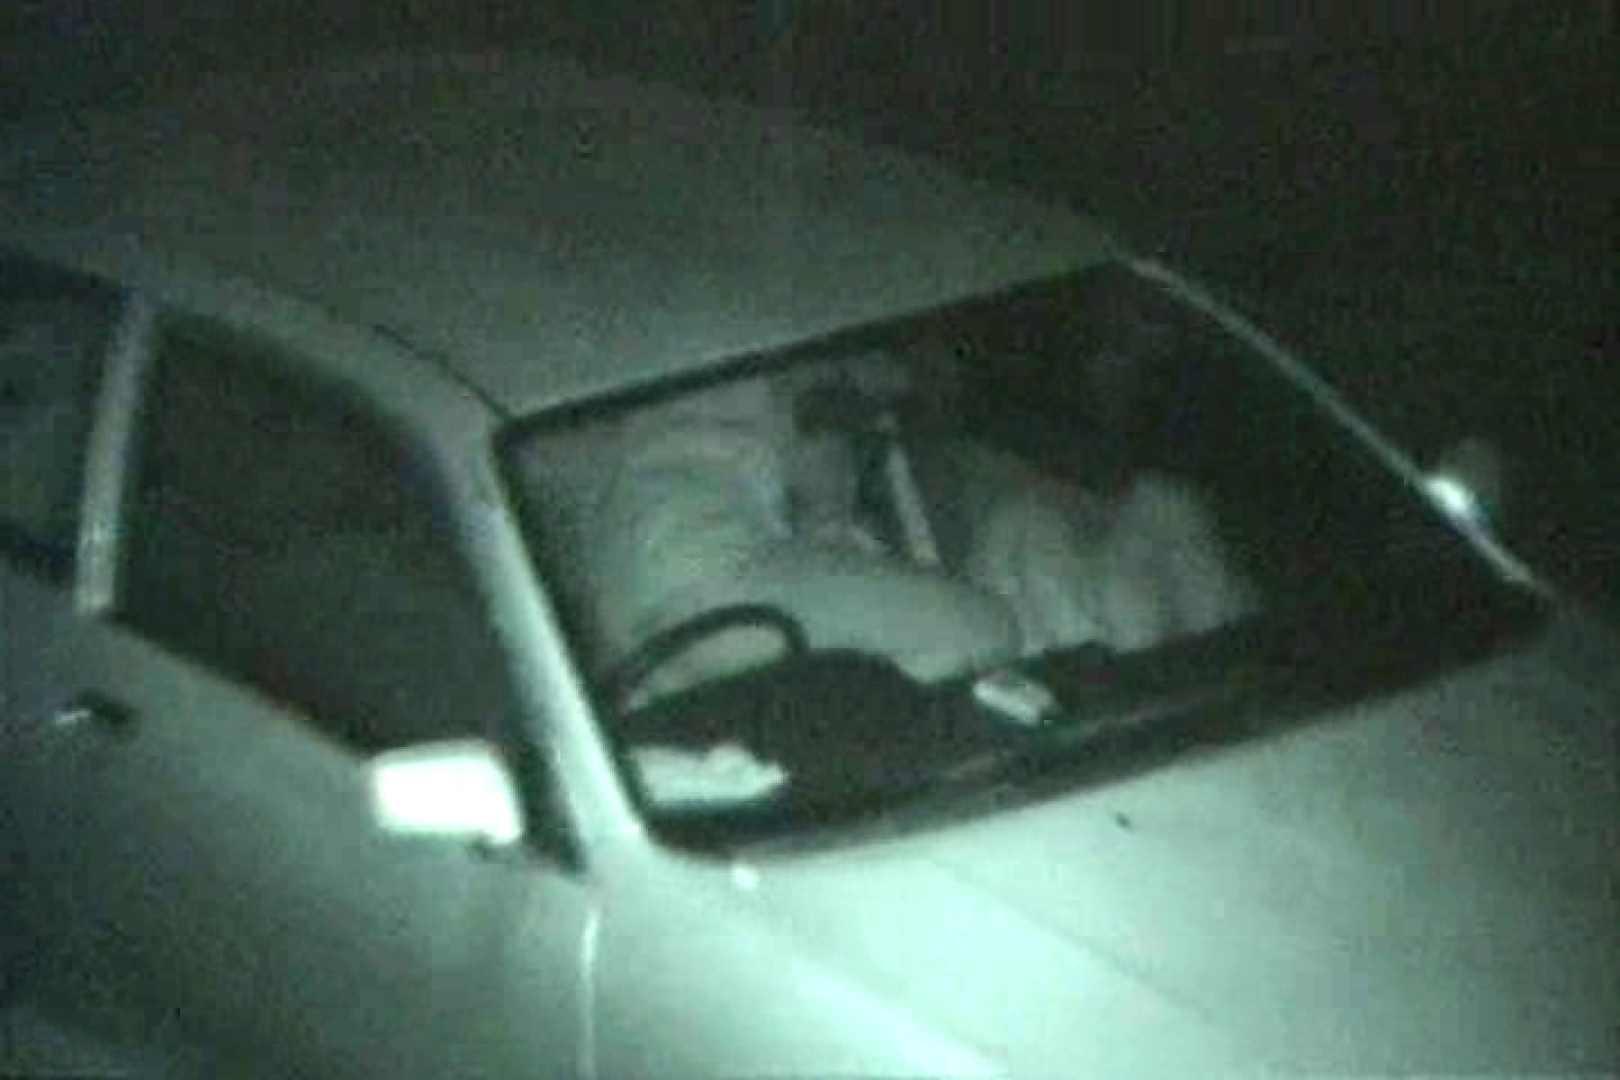 車の中はラブホテル 無修正版  Vol.24 カップル盗撮 ワレメ動画紹介 102画像 68